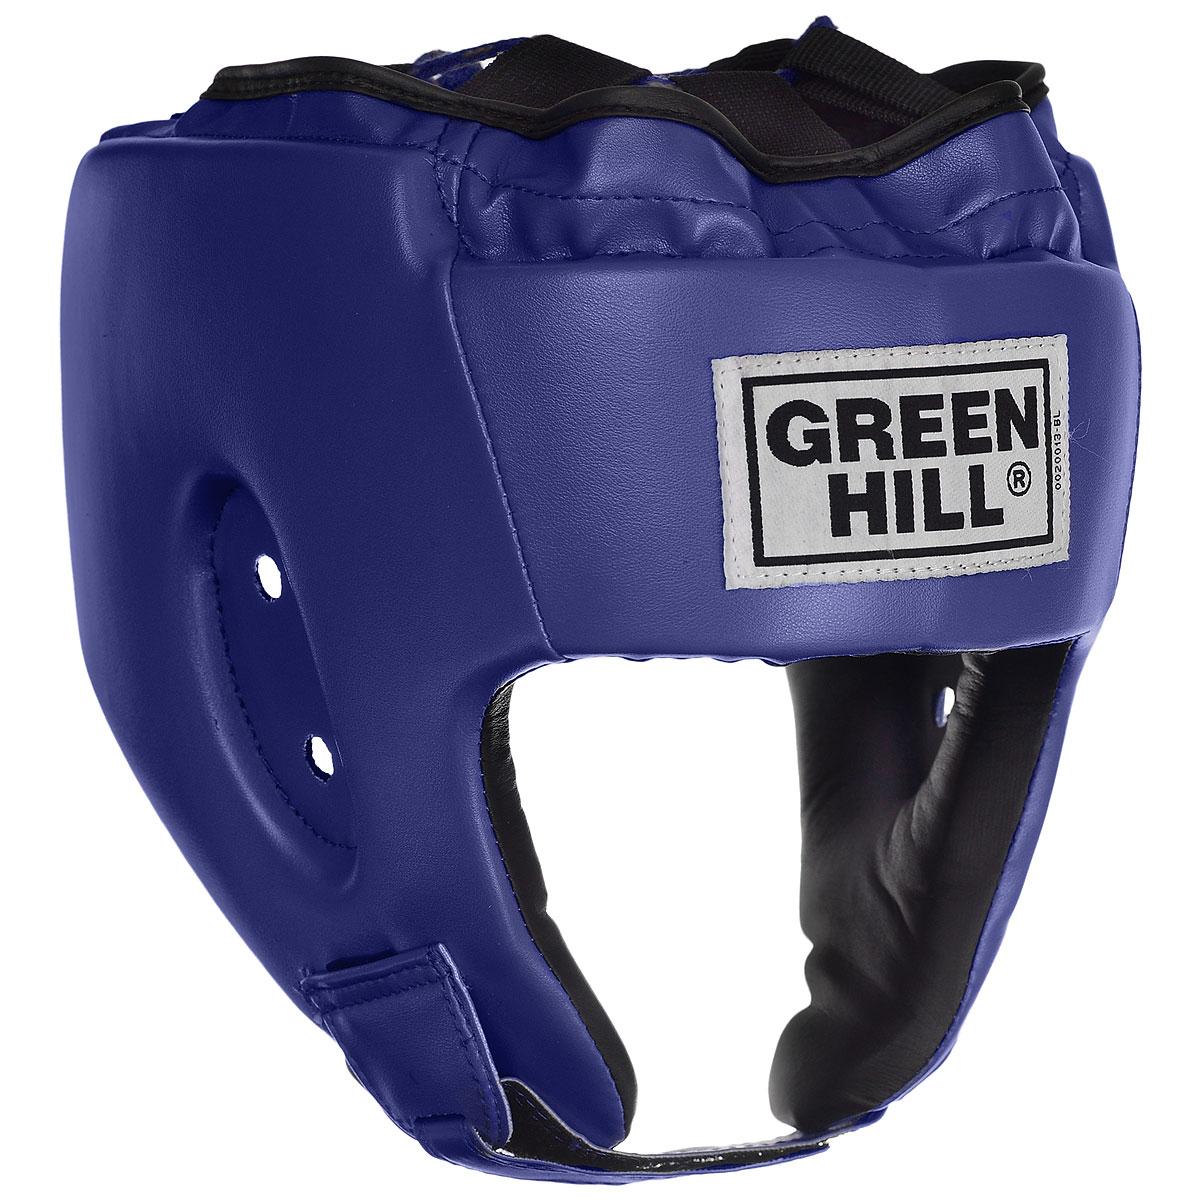 Шлем боксерский Green Hill Alfa, цвет: синий. Размер L (57-60 см)HGA-4014Боксерский шлем Green Hill Alfa предназначен для защиты головы от повреждений во время занятий боксом и кикбоксингом. Подходит как для тренировок, так и для соревнований. Выполнен из высококачественной искусственной кожи. Шлем имеет двойную систему крепления, которая крепко удерживает его на голове: шнуровка сверху, застежка на липучке на затылке и под подбородком. Крепления регулируемые, благодаря чему шлем можно подогнать четко под свой размер. Обеспечивает достаточную защиту и обзор во время поединка.